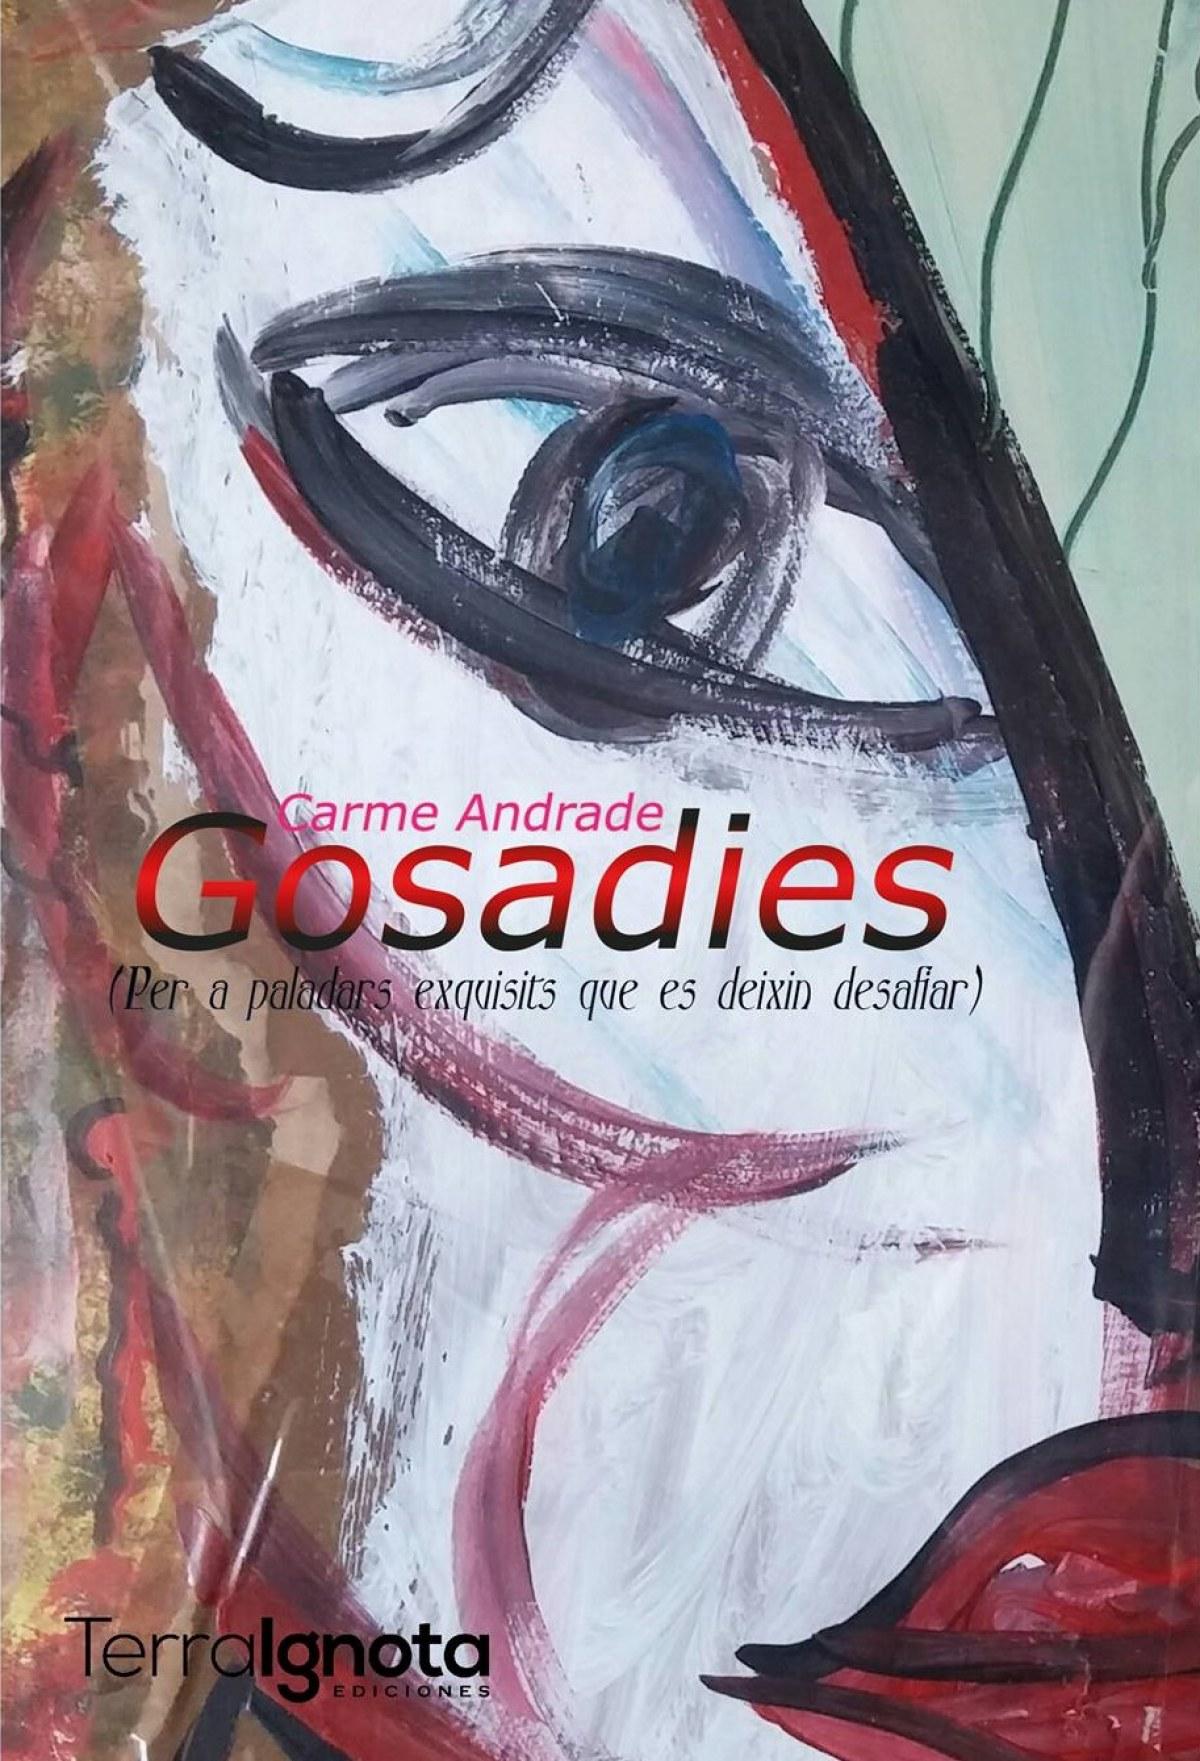 GOSADIES